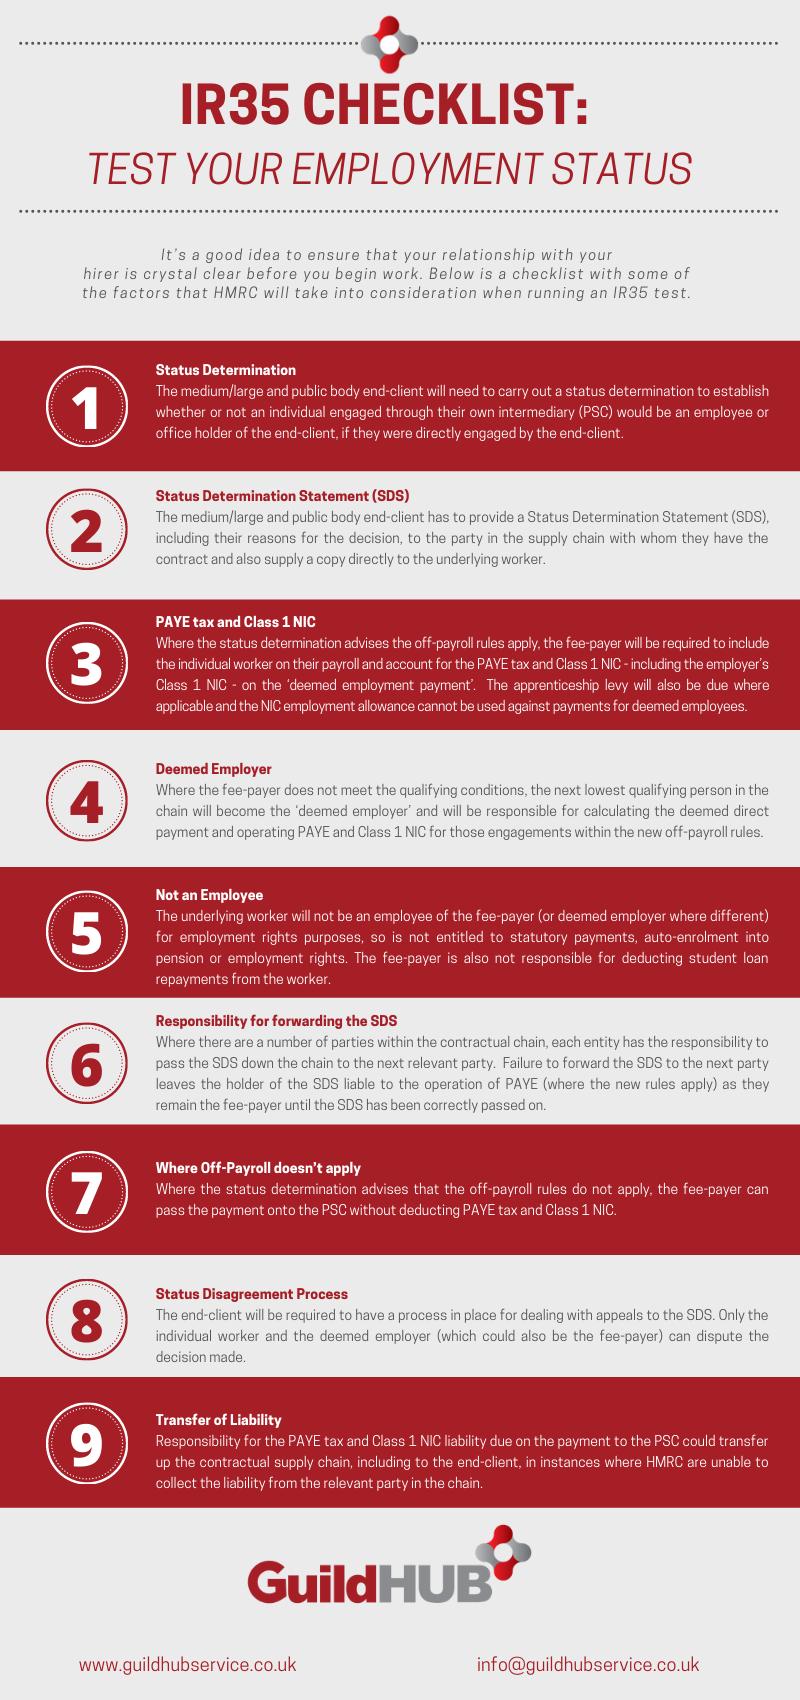 ir35 checklist infographic